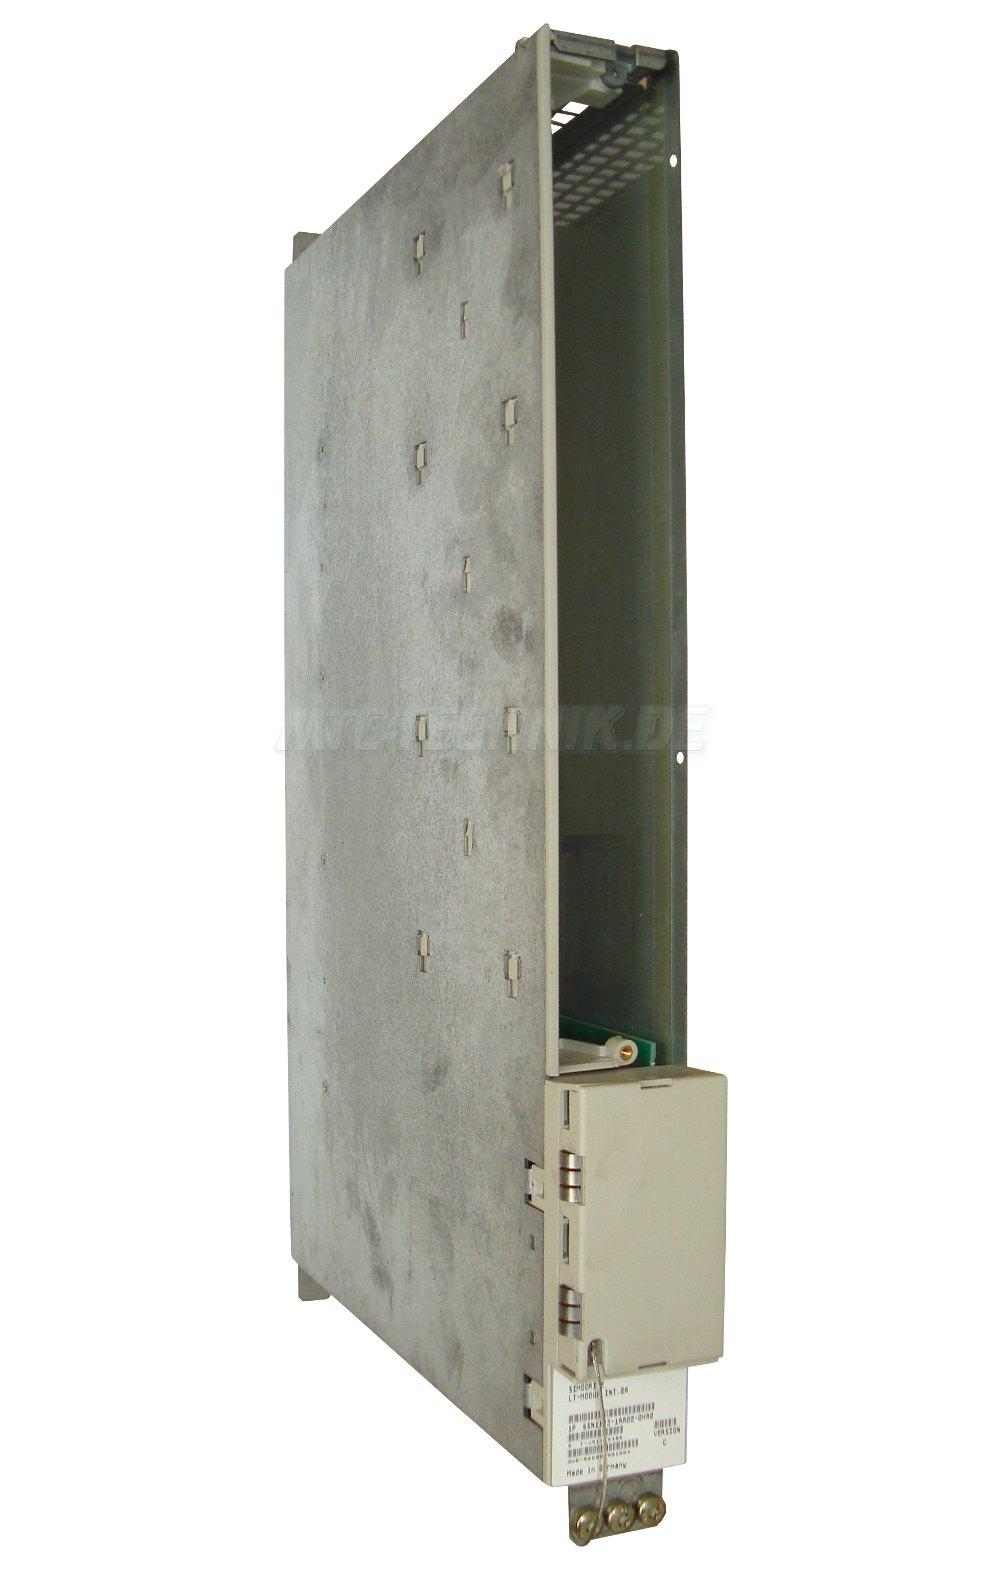 1 Austausch Siemens 6sn1123-1aa00-0ha0 Shop